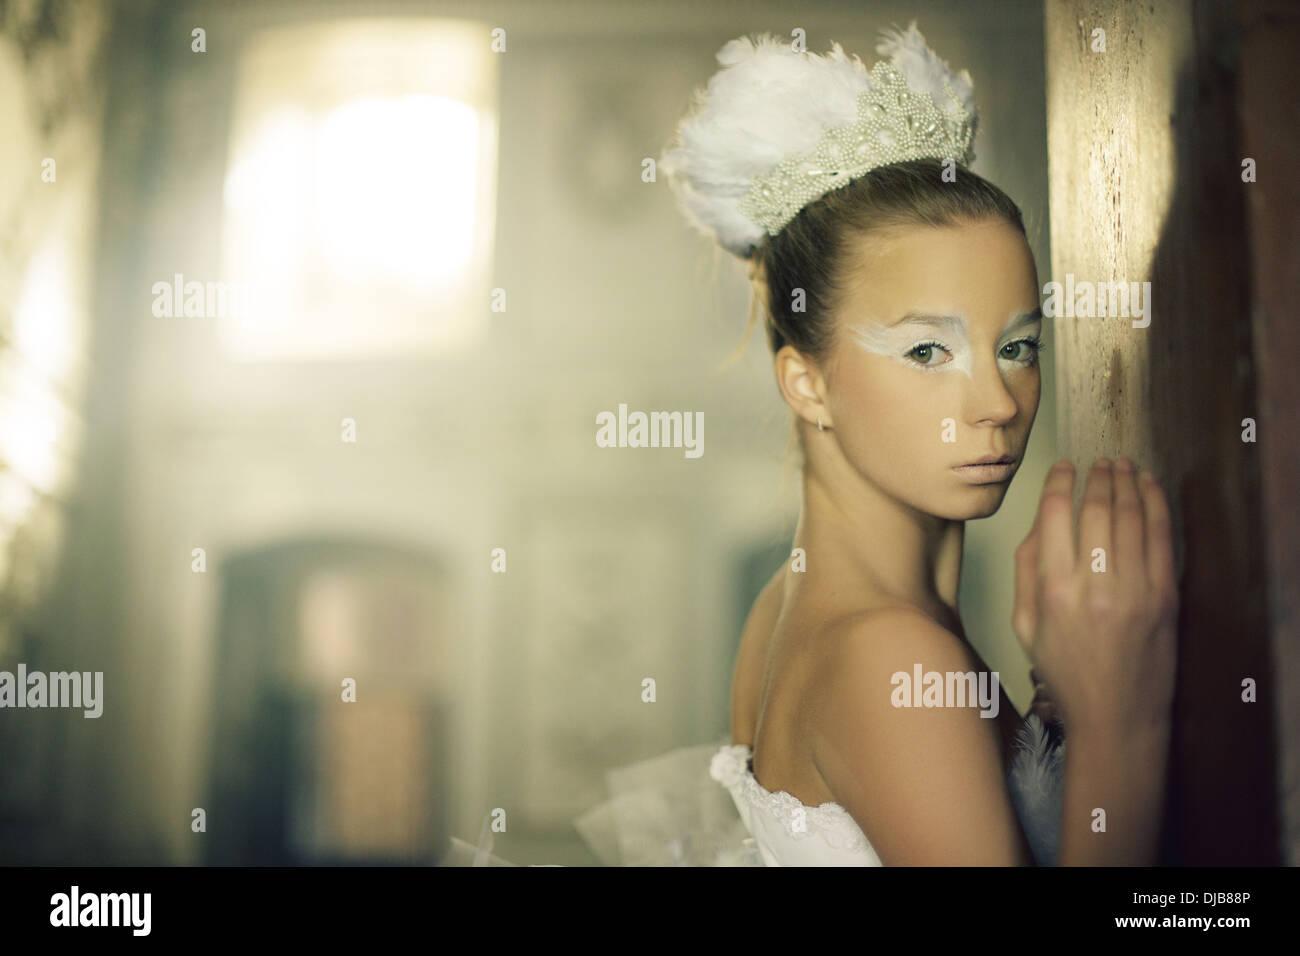 Great portrait of the swan ballet dancer - Stock Image